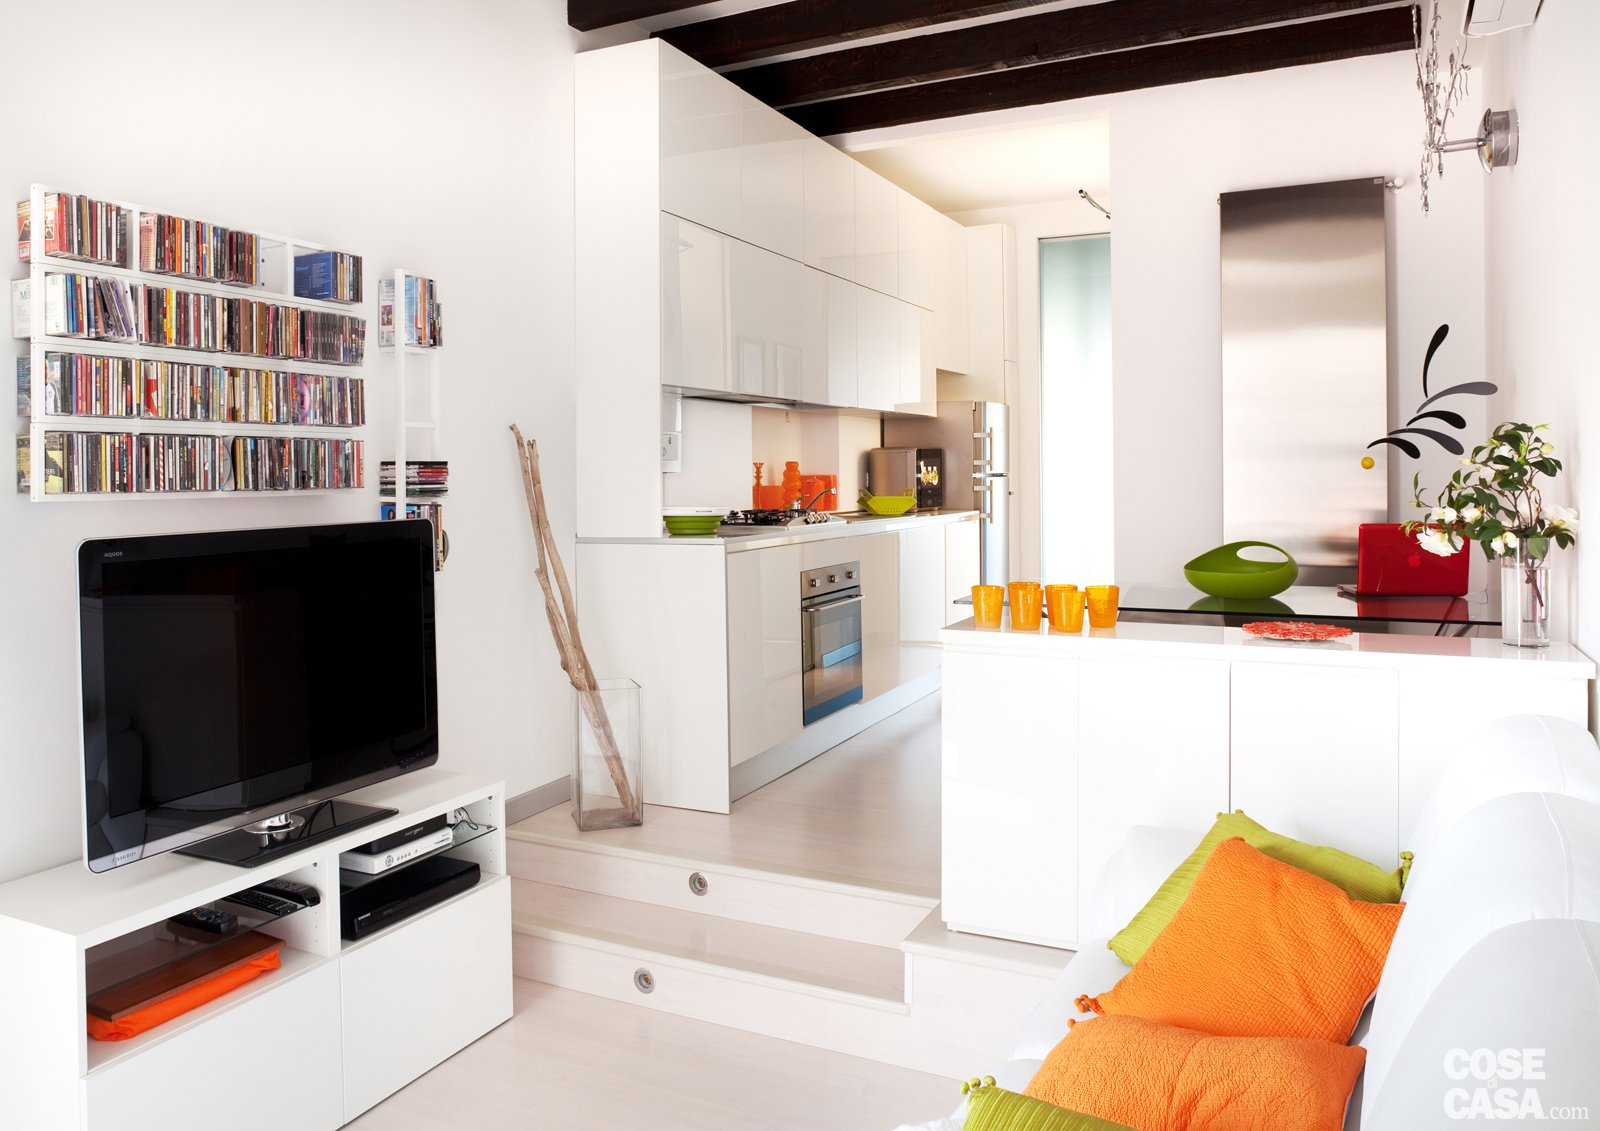 Una Casa Di 35 Mq Sfruttati Al Massimo Cose Di Casa #BE5B0D 1600 1131 Come Arredare Una Cucina Soggiorno Di 40 Mq